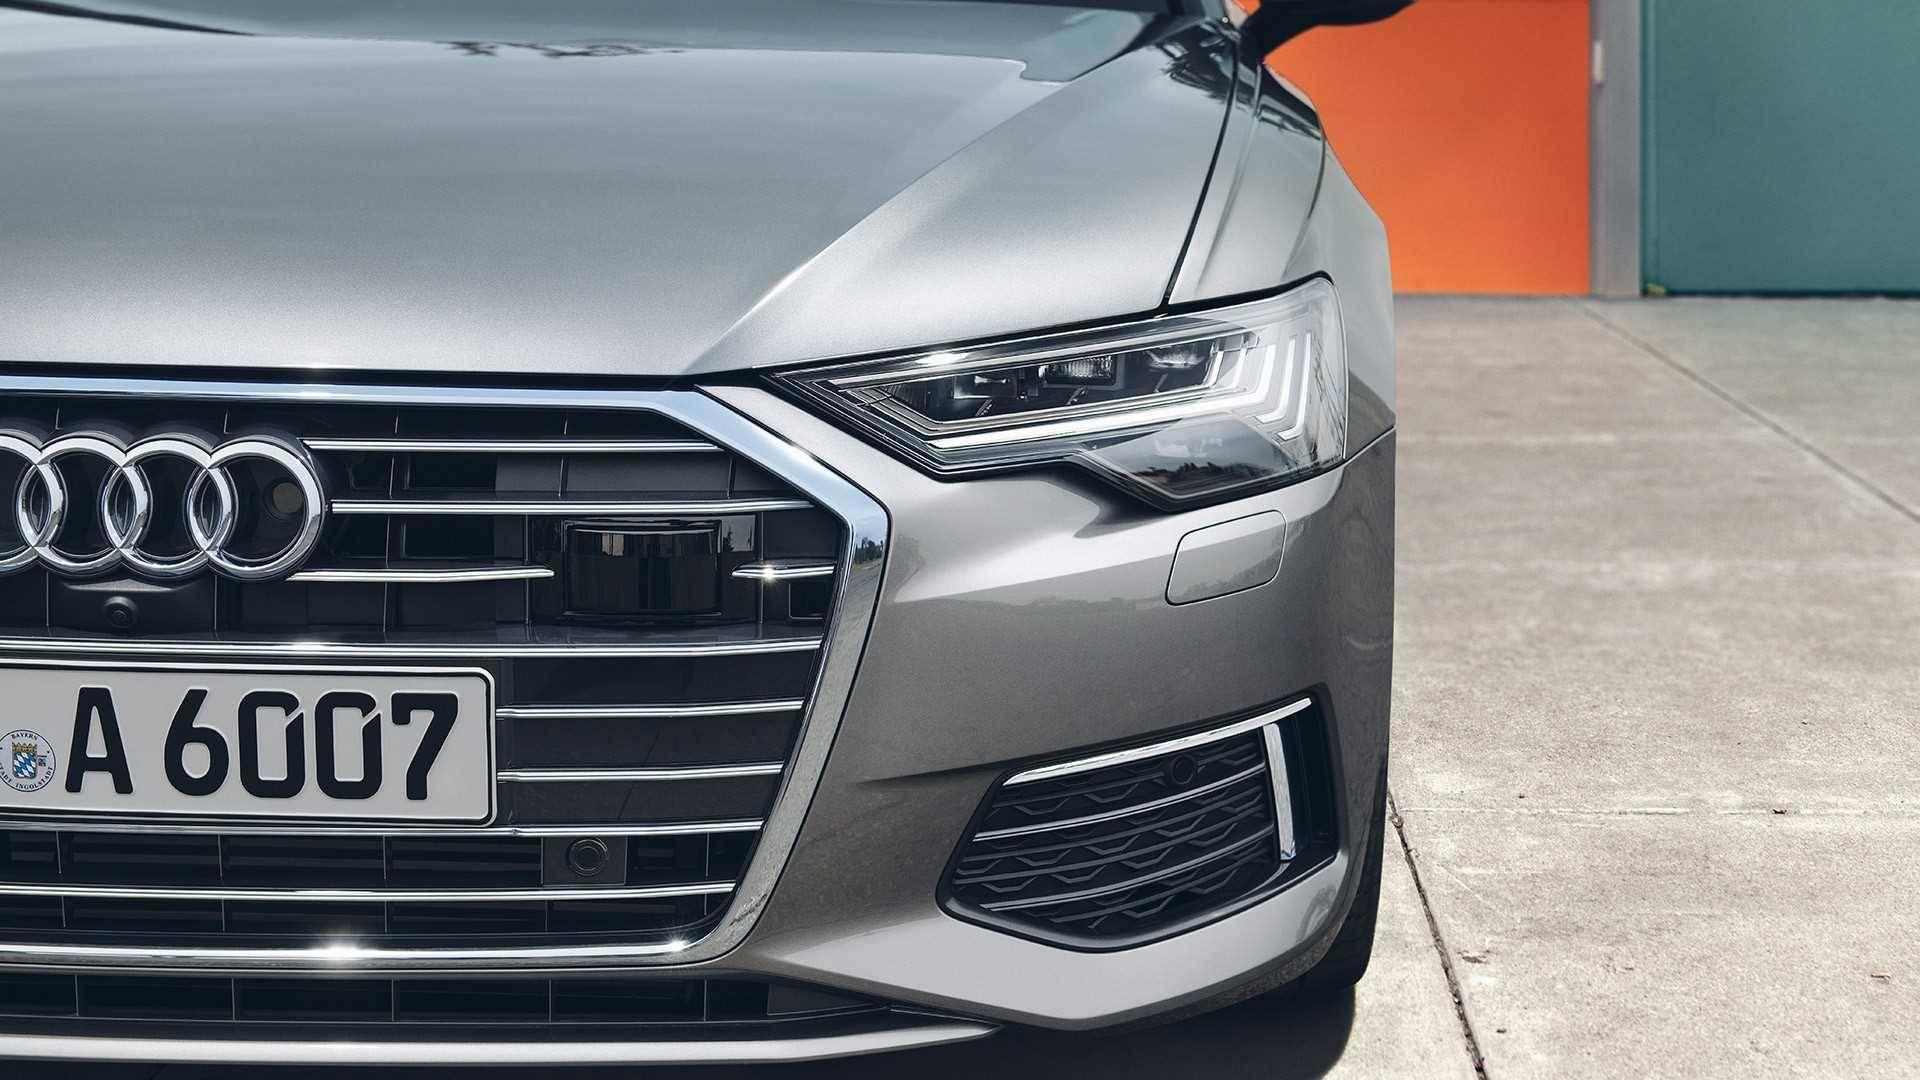 Audi A6 Berline 2018 Face avant